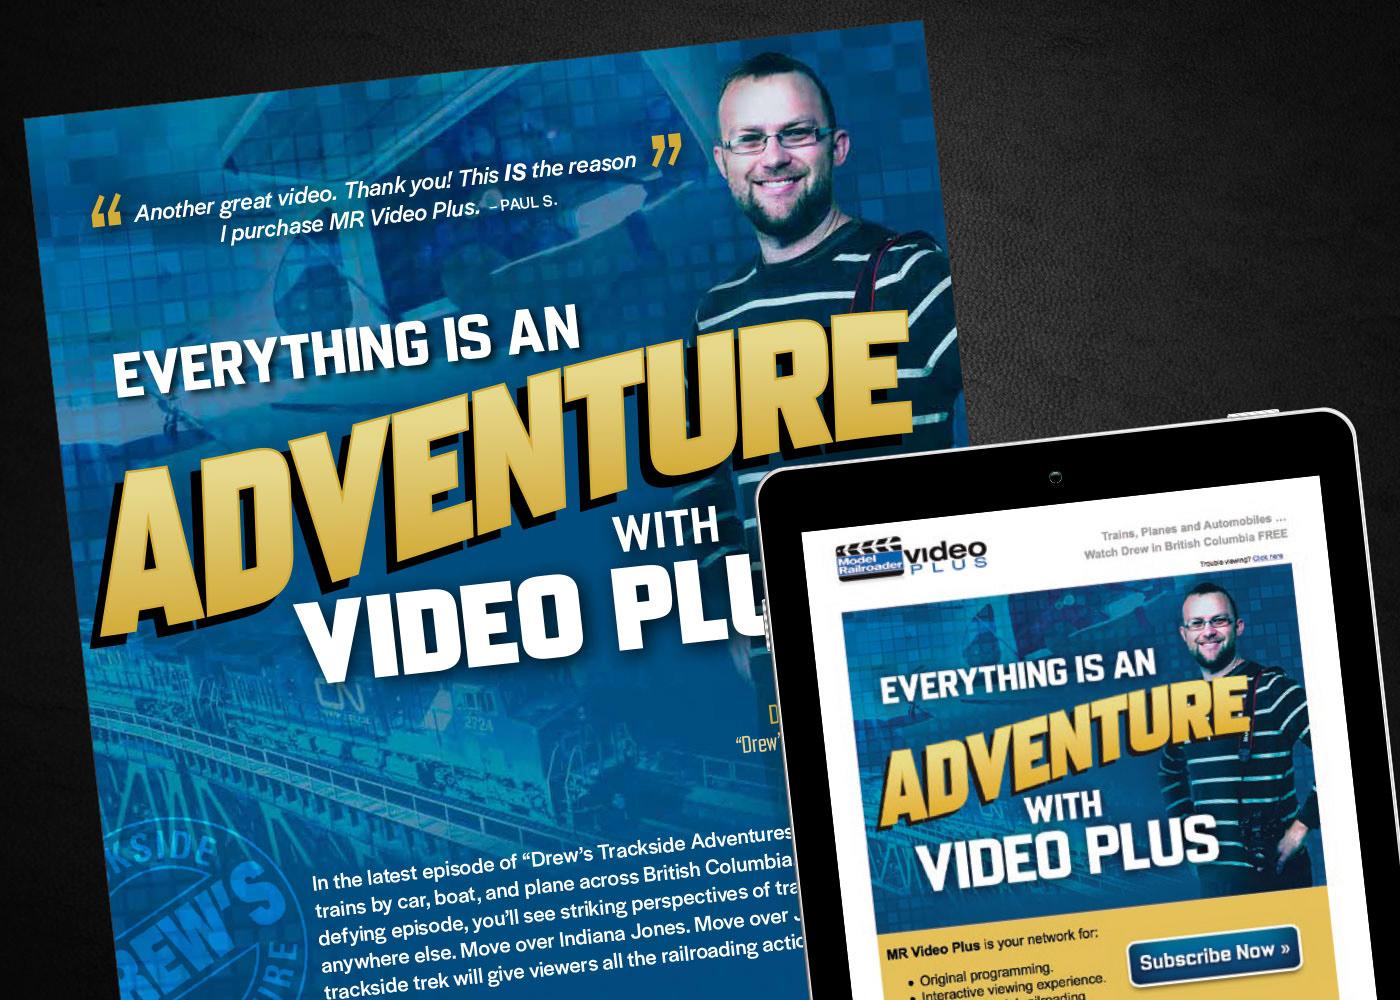 Mr Video Plus